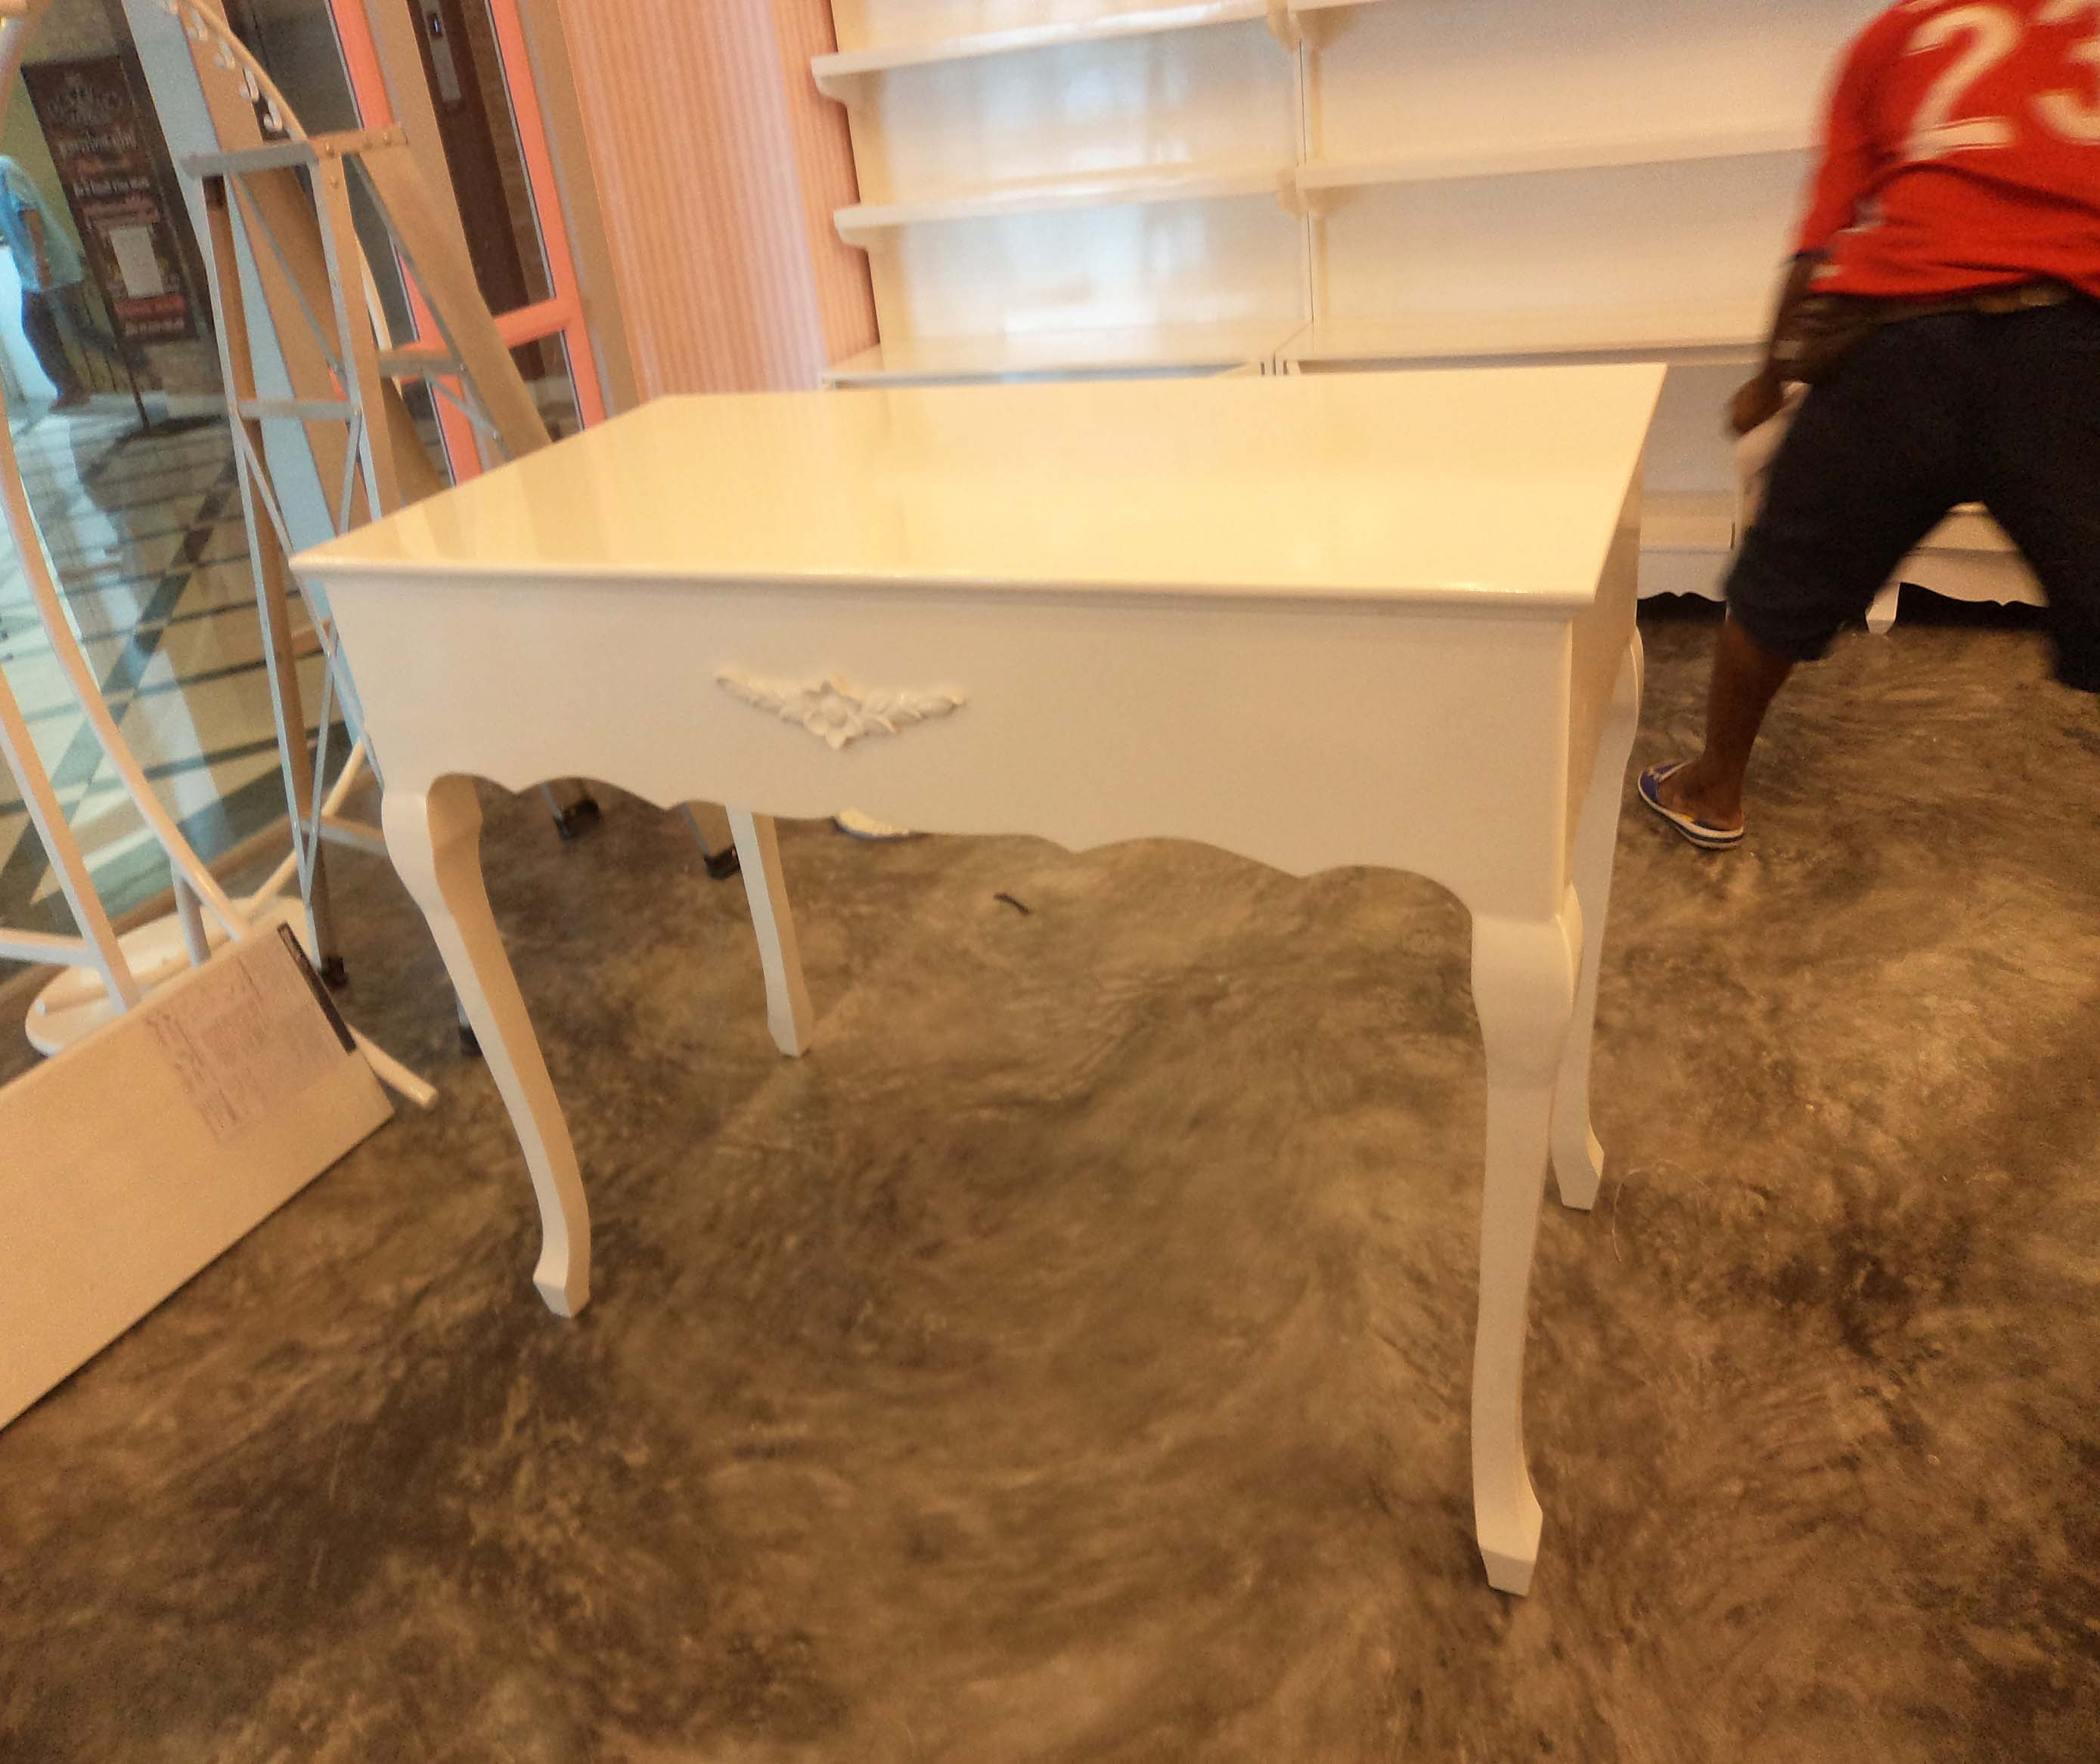 โต๊ะวินเทจสีขาว